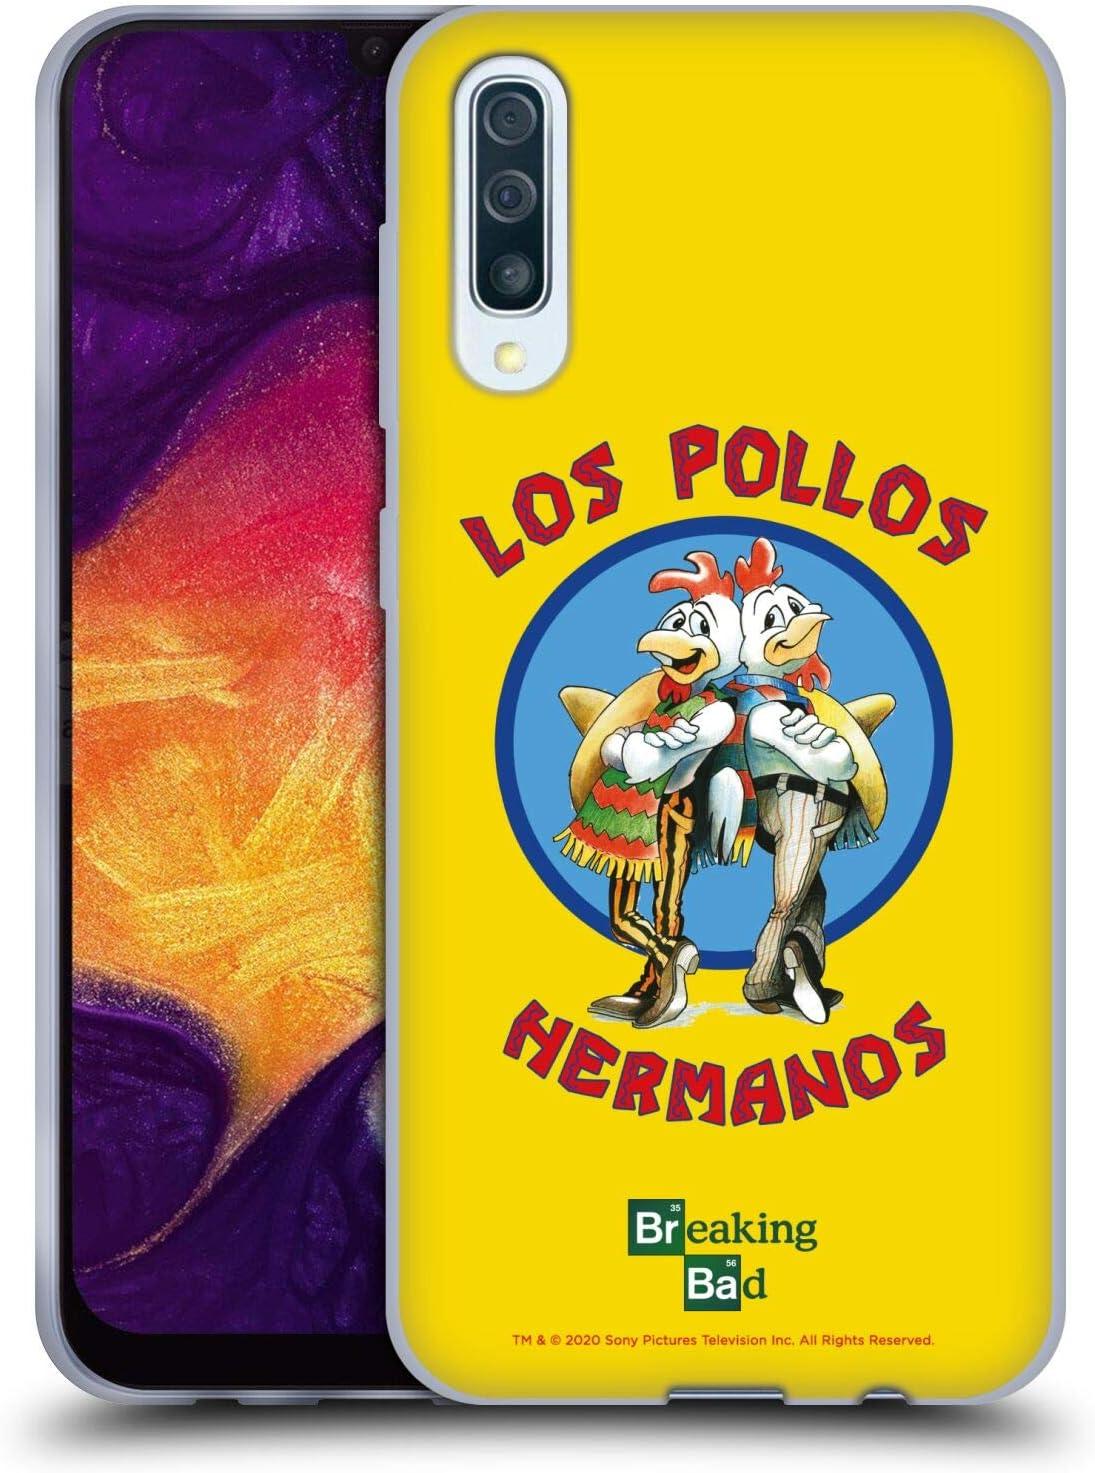 Oficial Breaking Bad Los Pollos Hermanos Gráficos Carcasa de Gel de Silicona Compatible con Samsung Galaxy A50/A30s (2019)